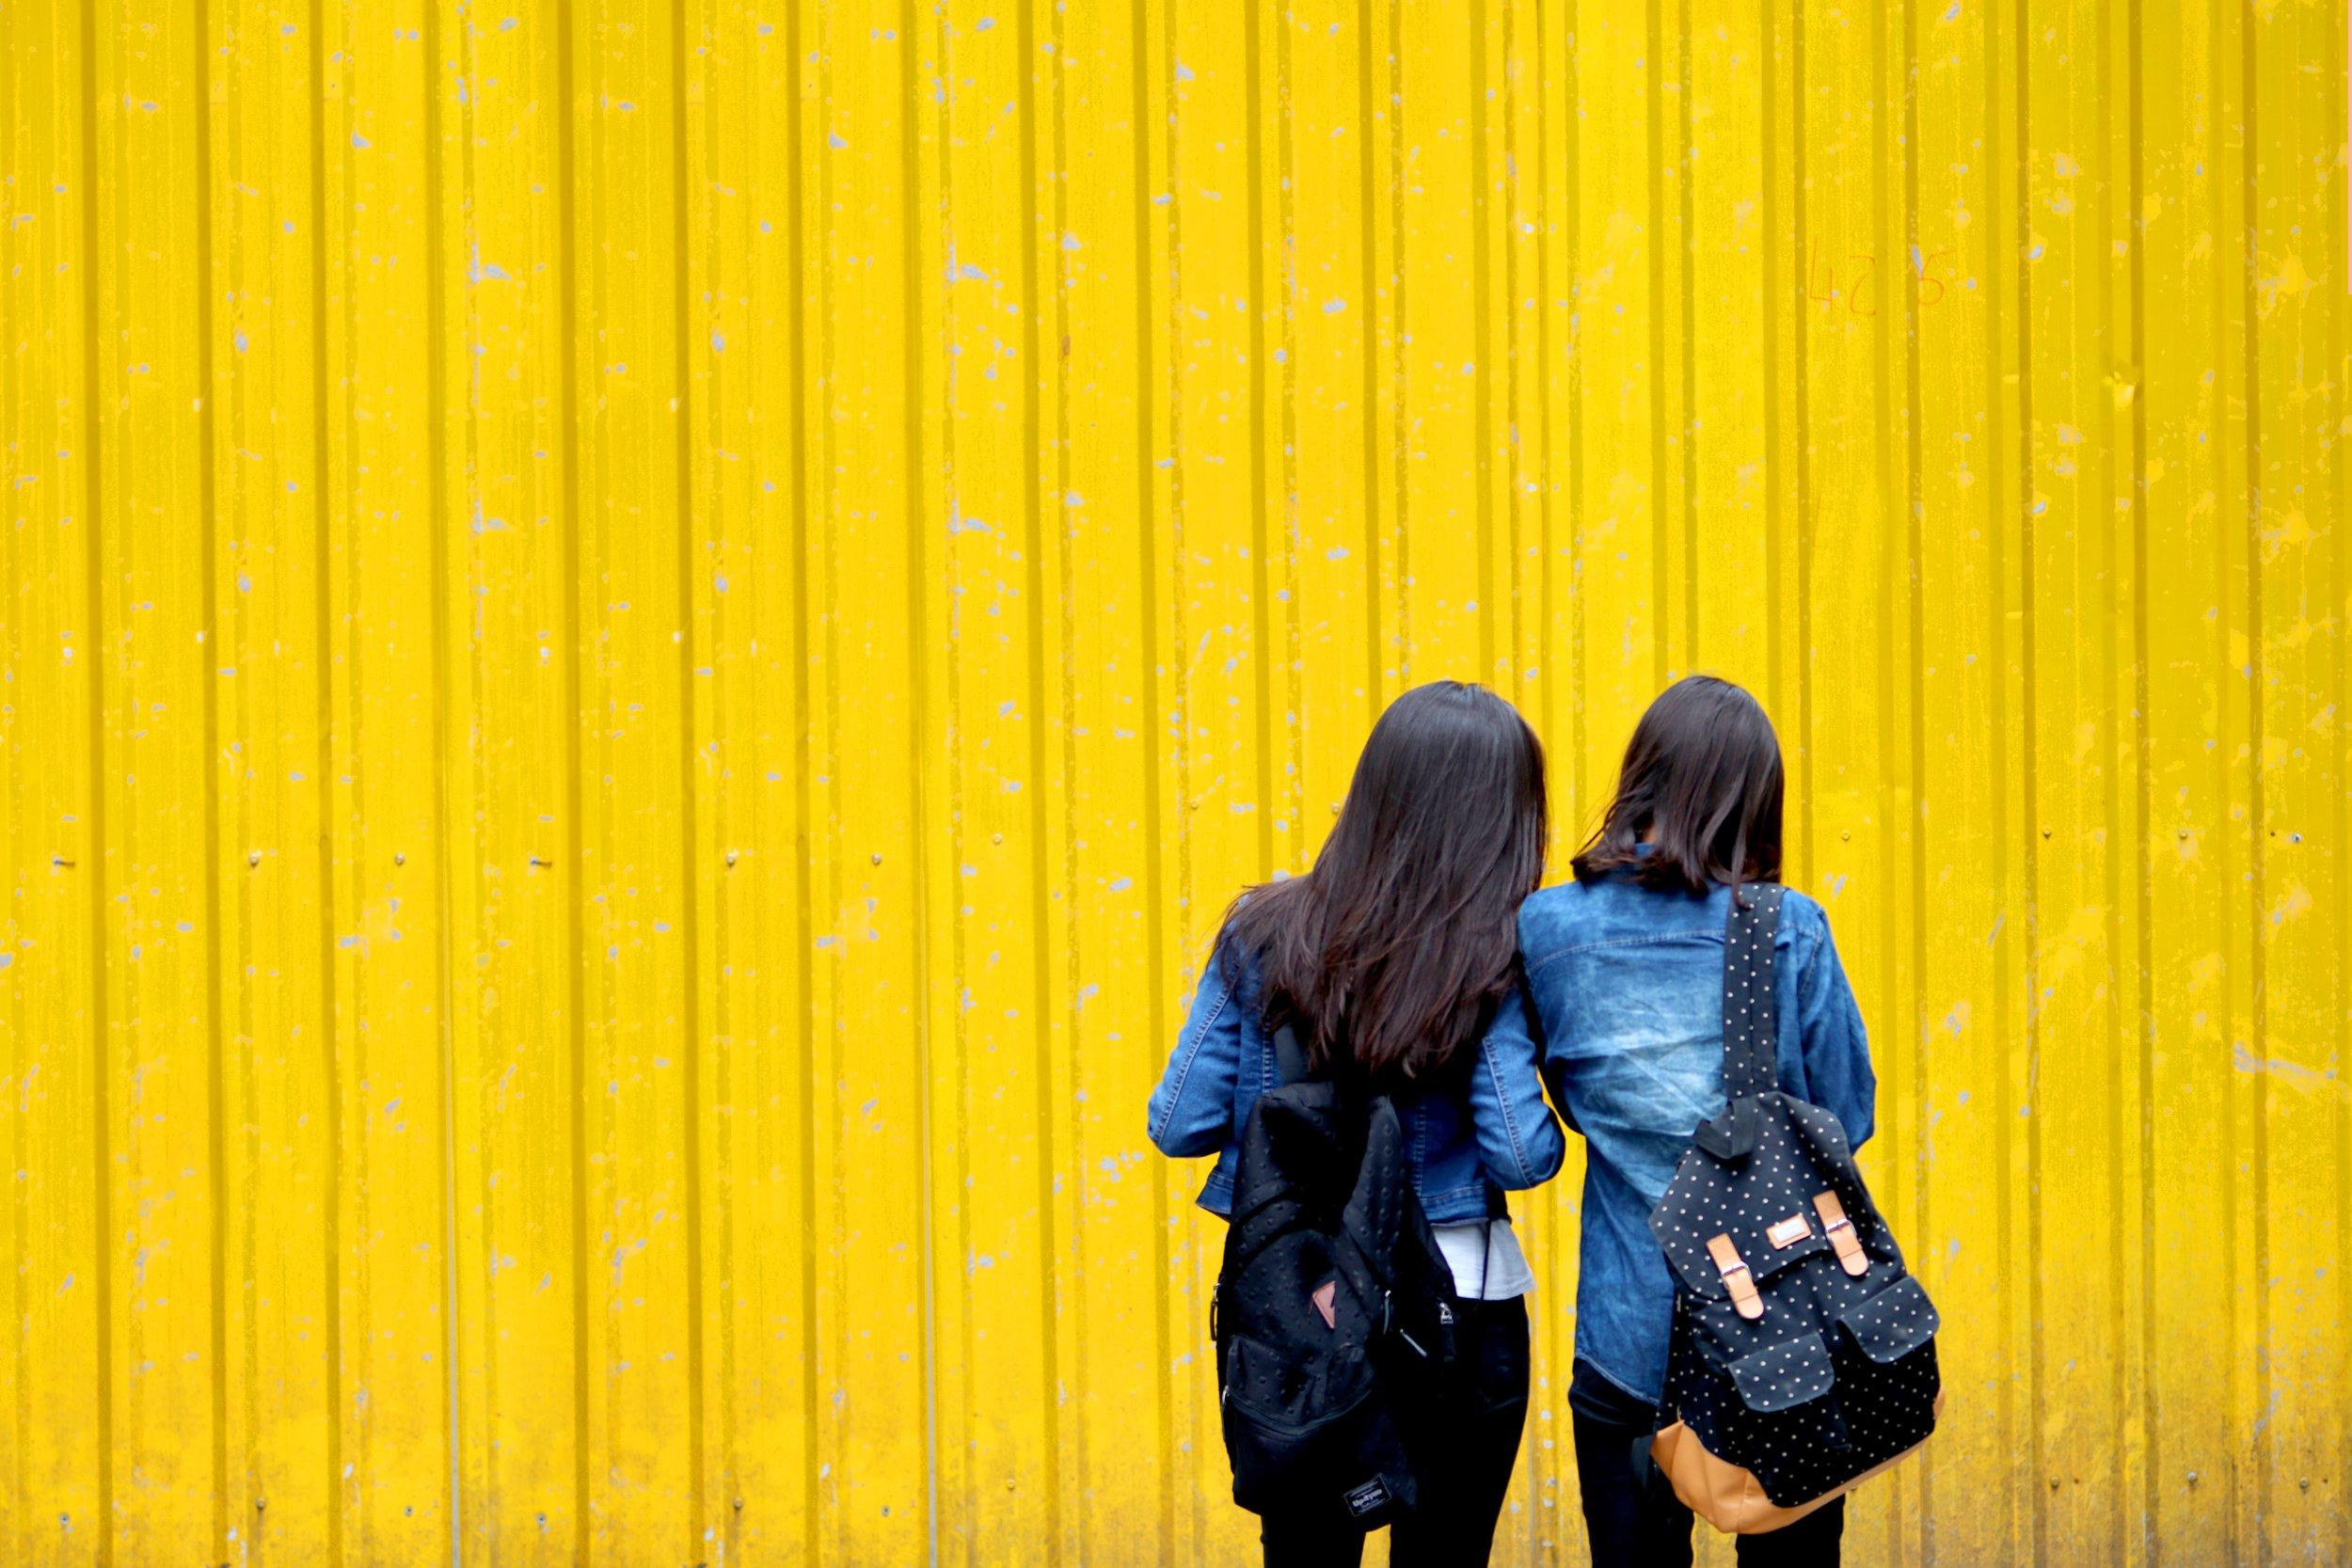 backpacks-bags-denim-981781.jpg